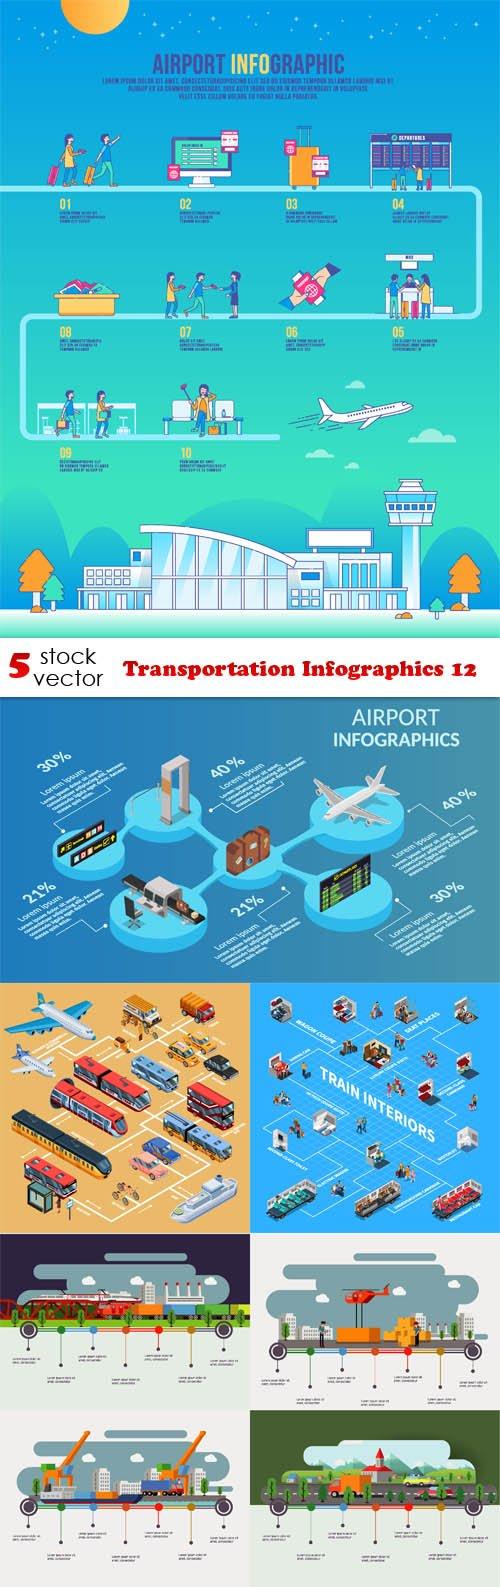 Vectors - Transportation Infographics 12